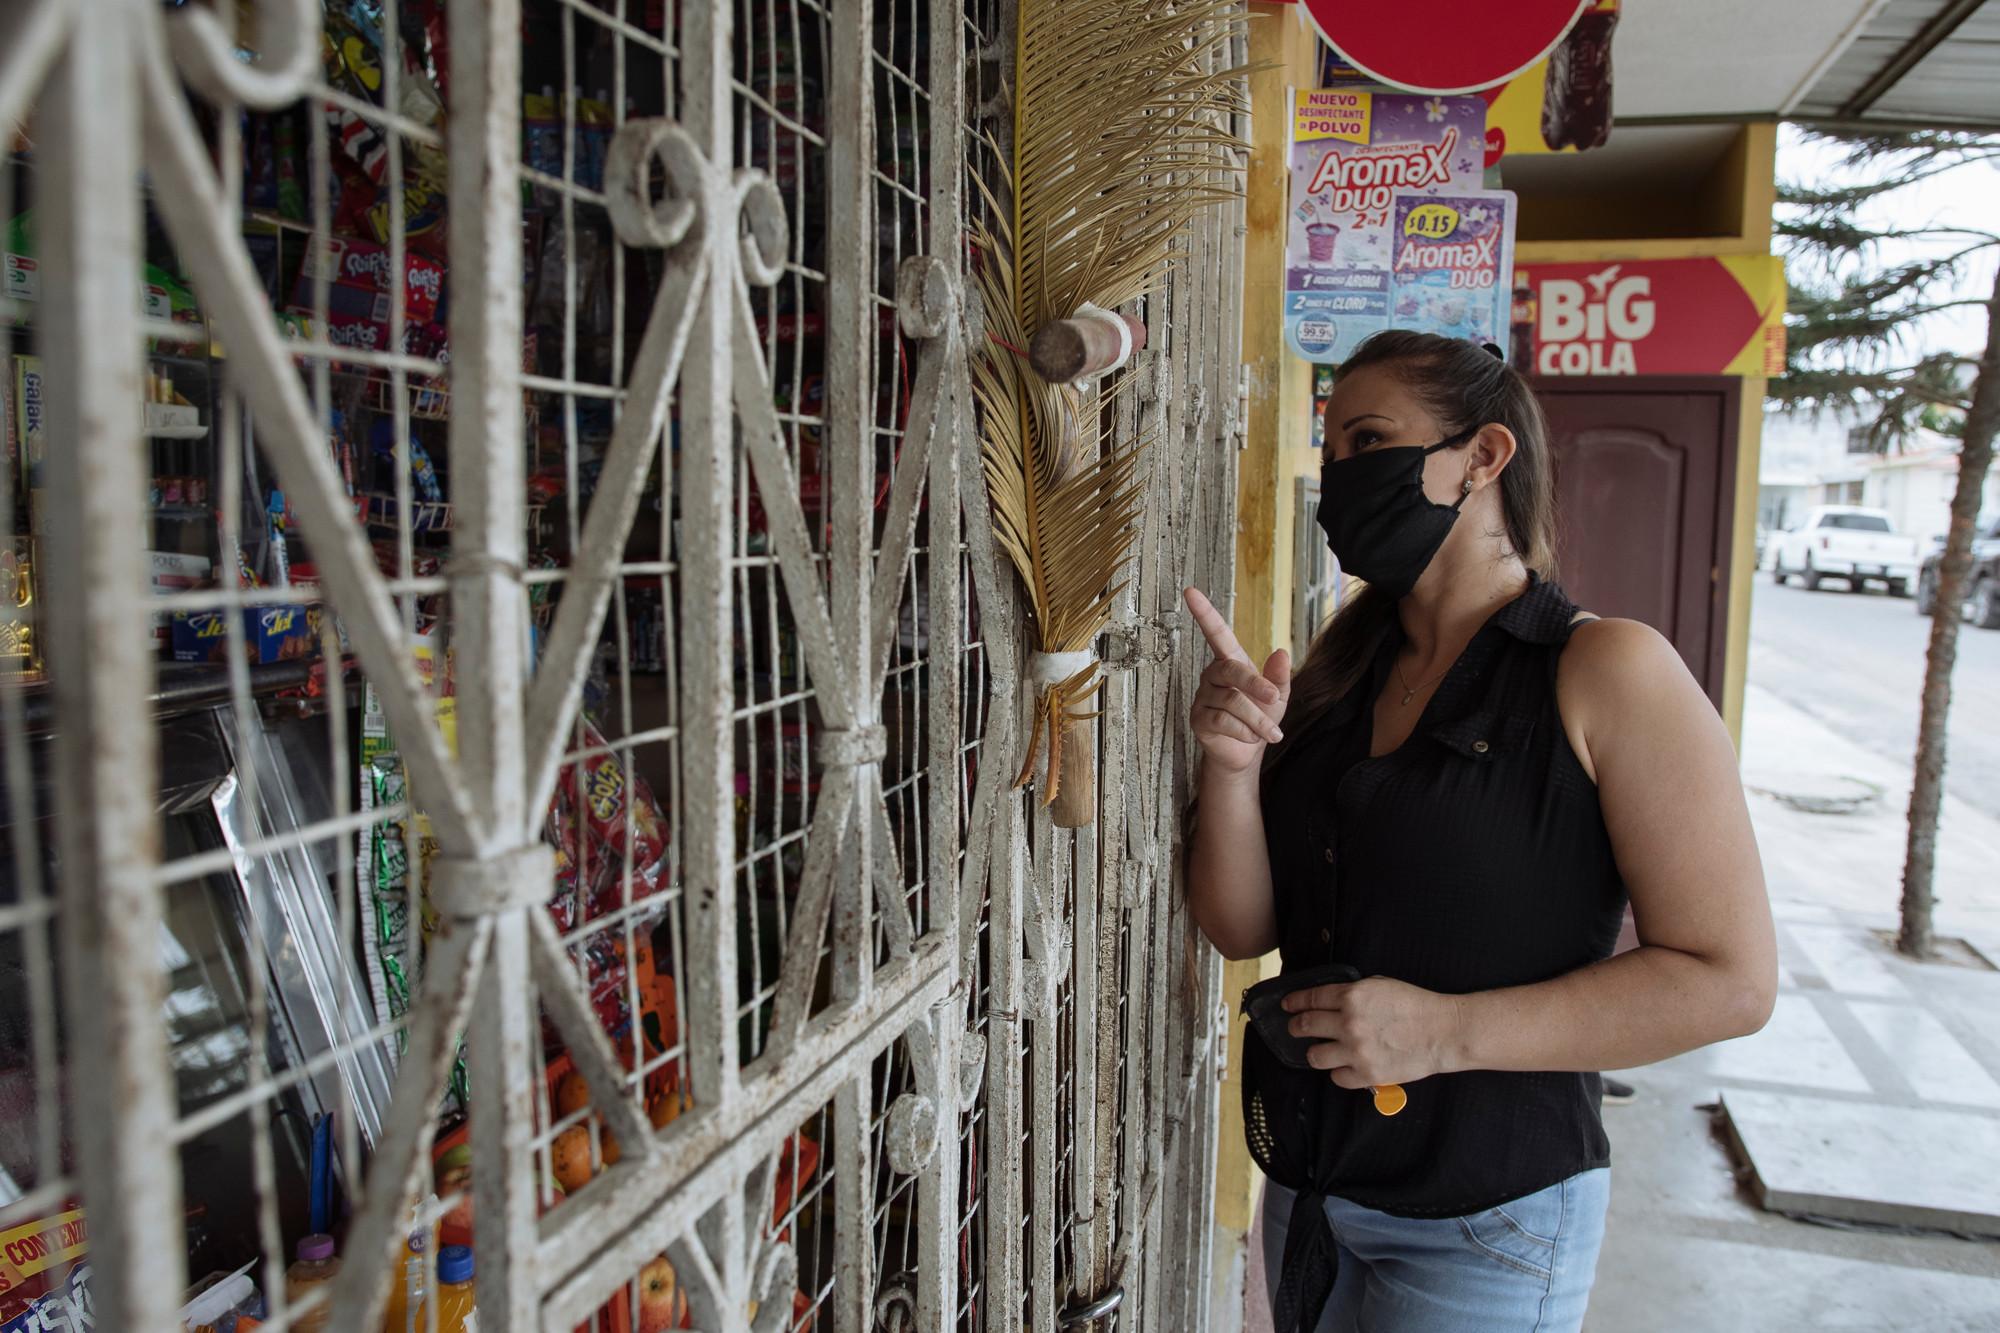 Uma mulher com uma máscara facial está do lado de fora de uma pequena loja em uma cidade.